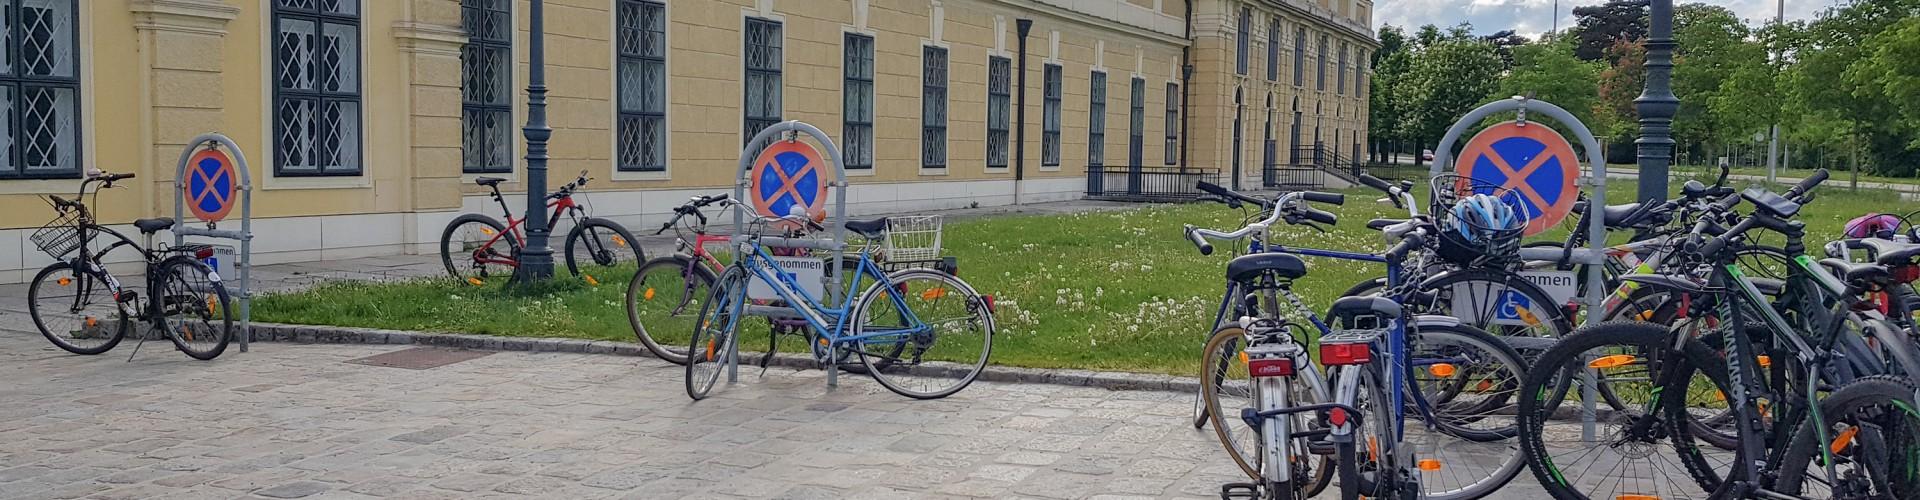 3 Behindertenparkplätze vor dem Schloss Schönbrunn (im Hintergrund zu sehen). Die Parkplätze sind mit Schildern die in Metallbügel eingefasst sind gekennzeichnet. Beim linken Parkplatz steht ein Fahrrad mit Ständer aufgestellt. Beim miitleren Parkplatz ist ein Fahrrad am Schild angelehnt, eines steht dahinter. Beim rechten Parkplatz stehen 8 Fahrräder, zum Teil an das Behindertenparkplatzschild angekettet.